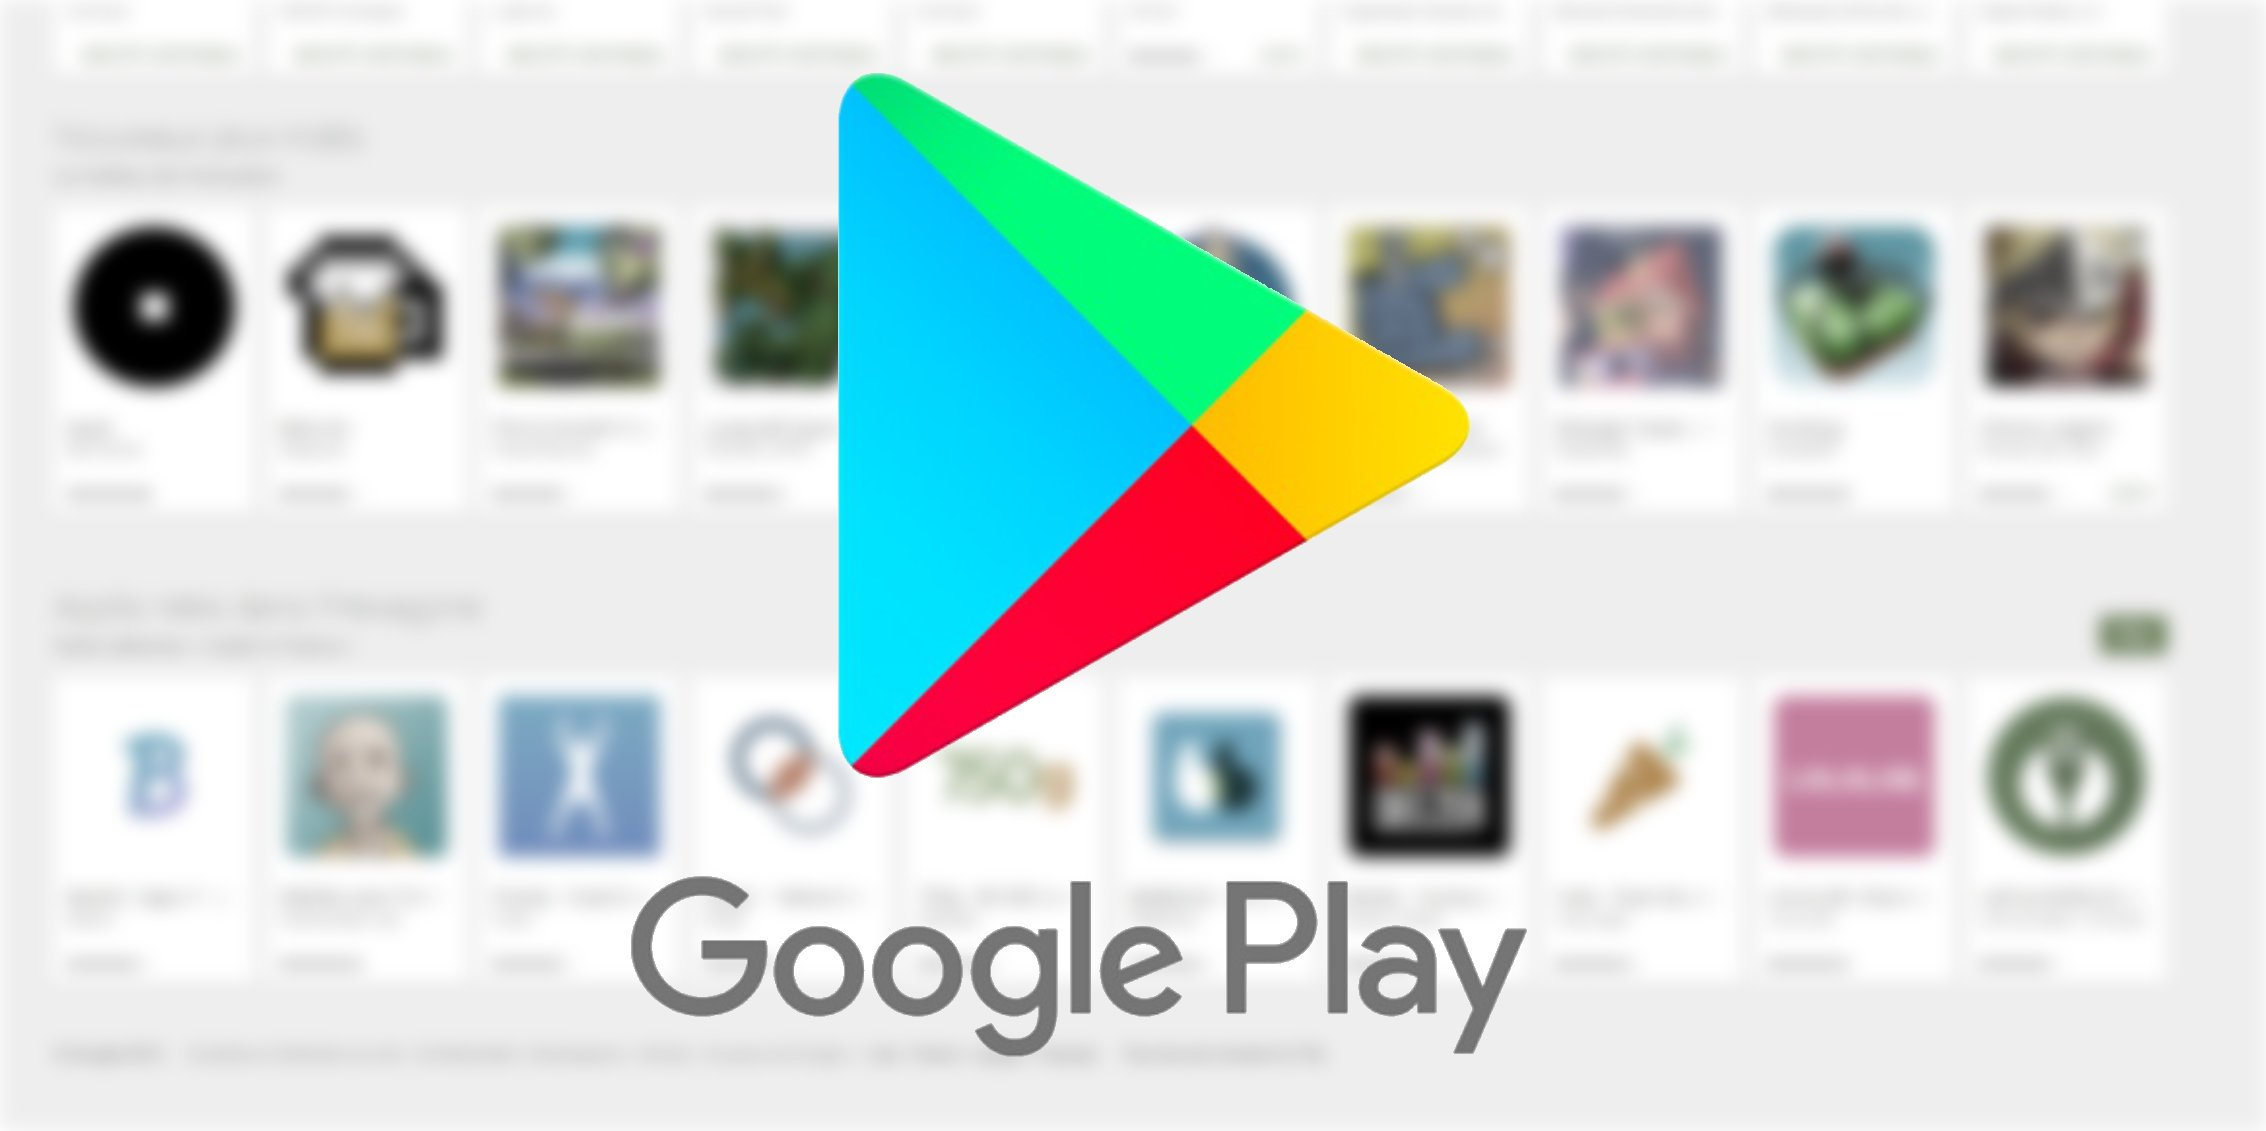 Google Play Store : Comment Télécharger Et Installer L'apk intérieur Jeux Gratuits À Installer